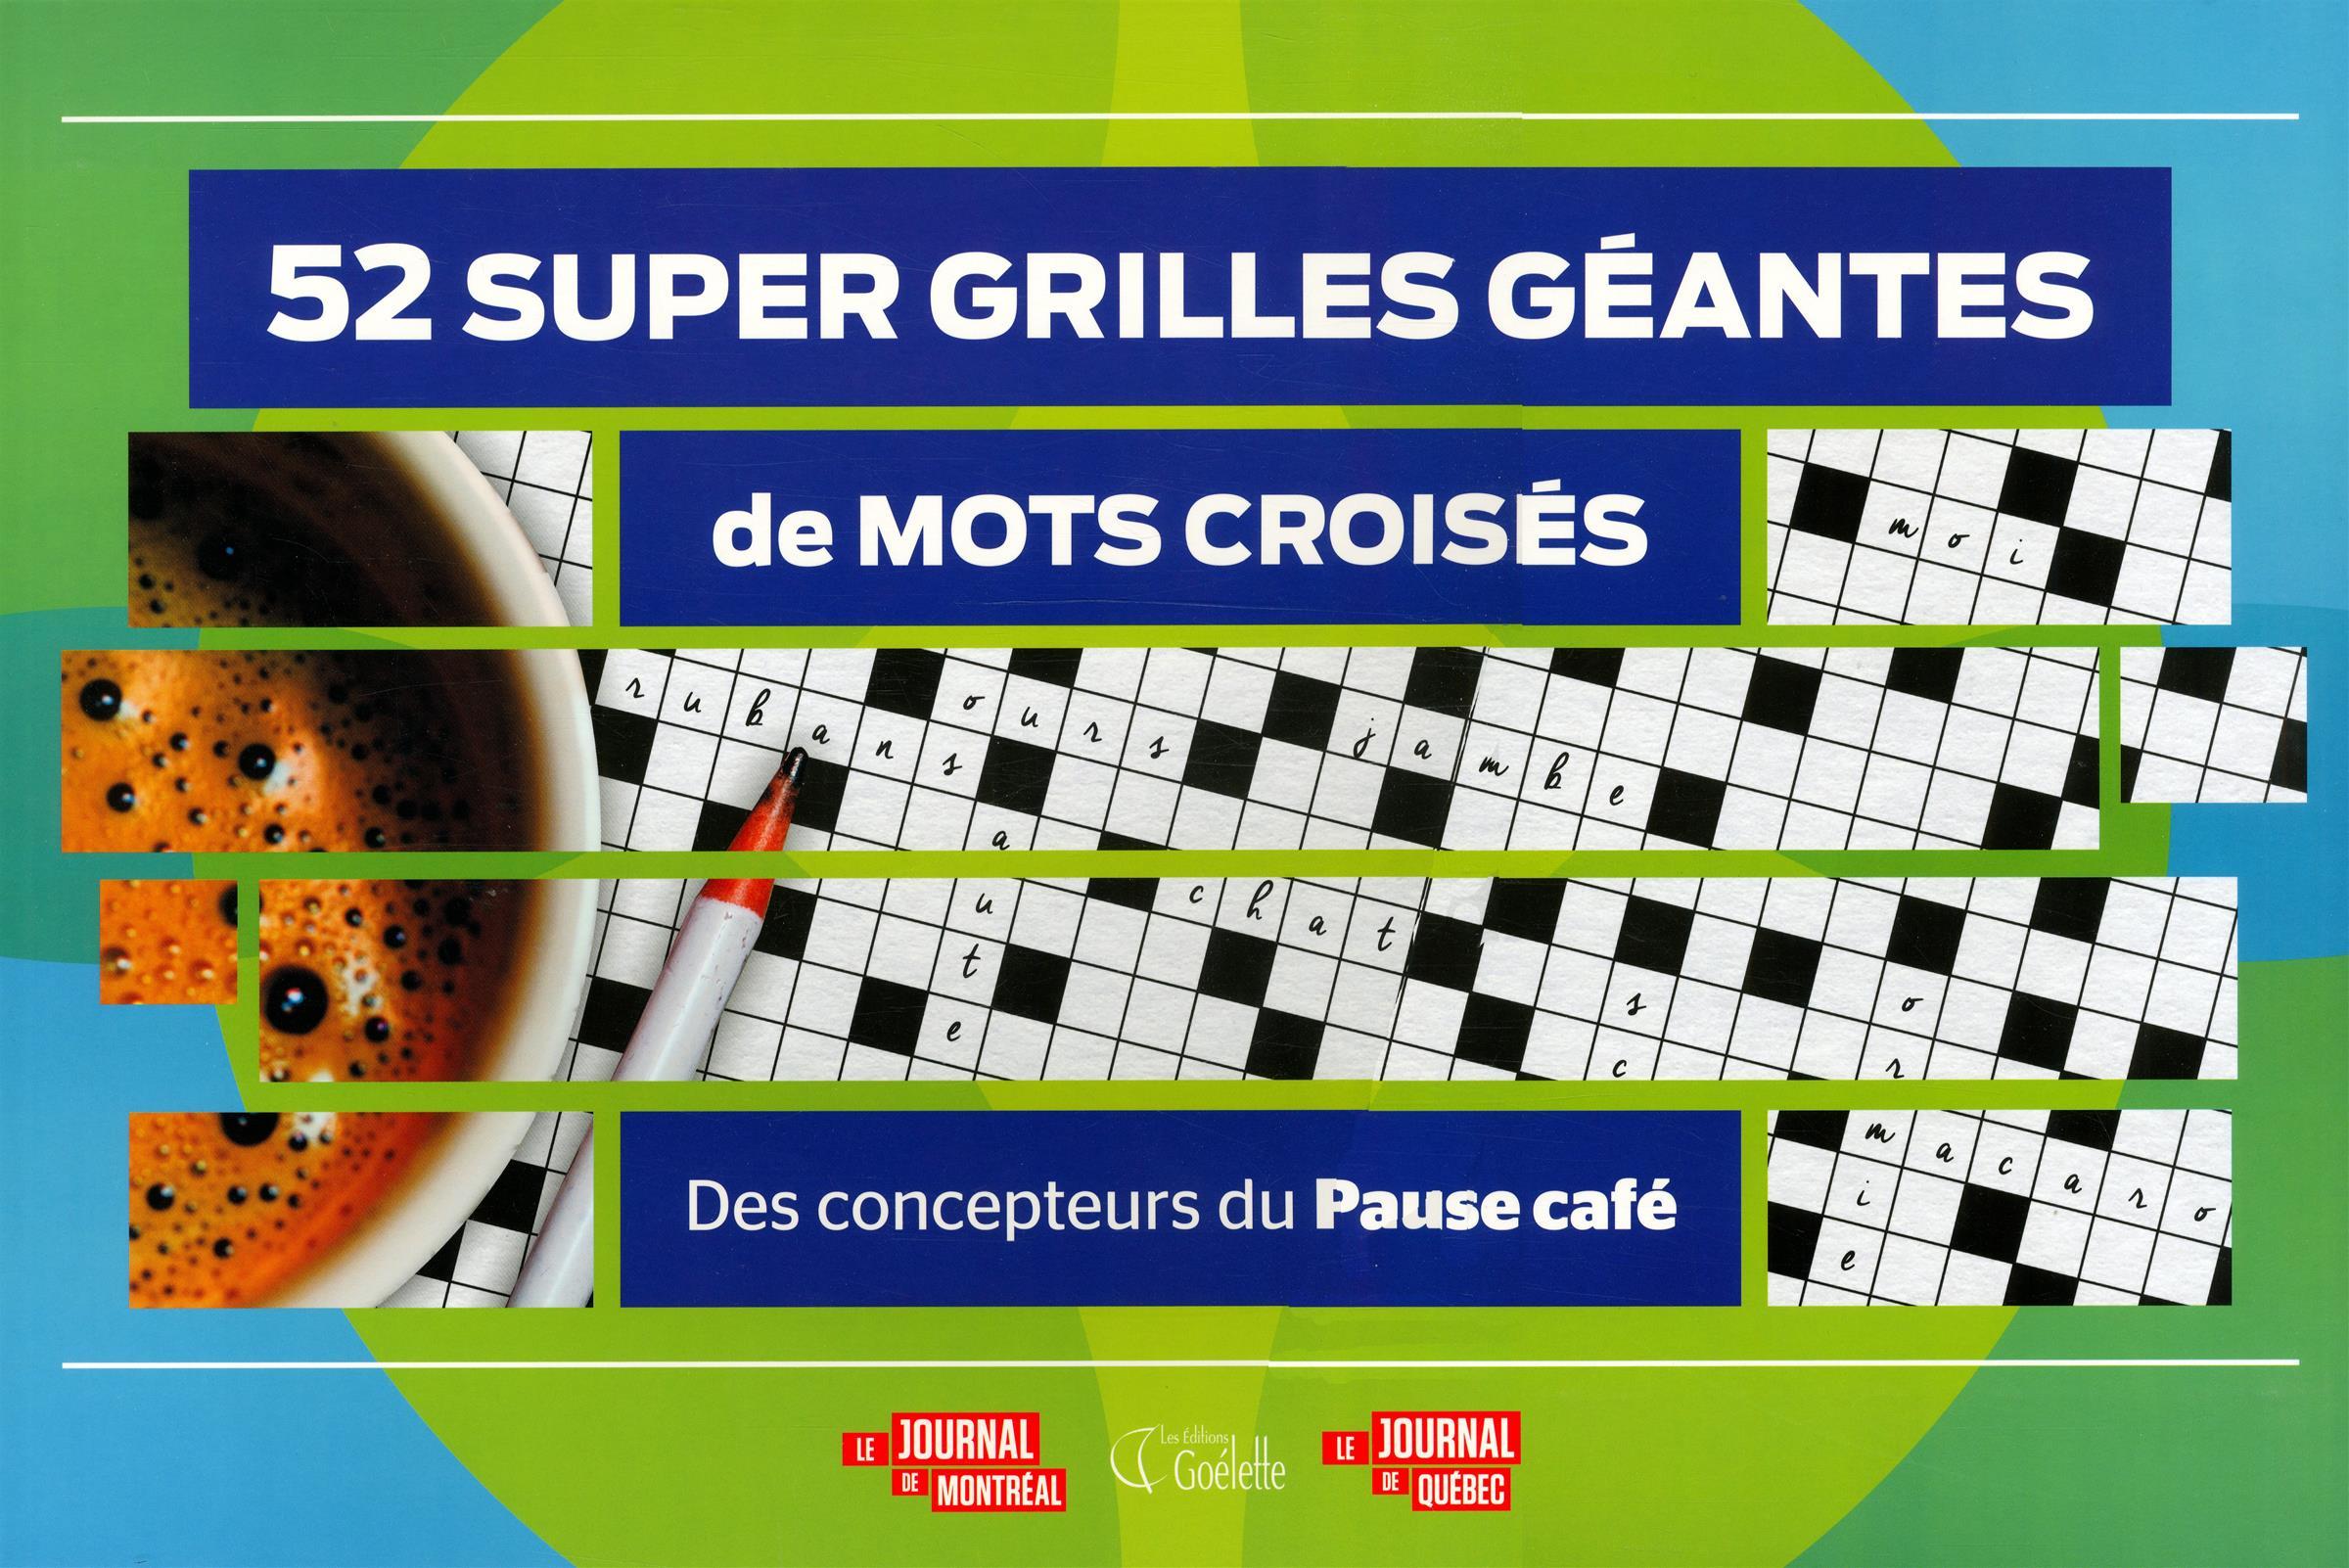 Livre 52 super grilles g antes de mots crois s vol 3 messageries adp - Grilles mots croises a imprimer ...